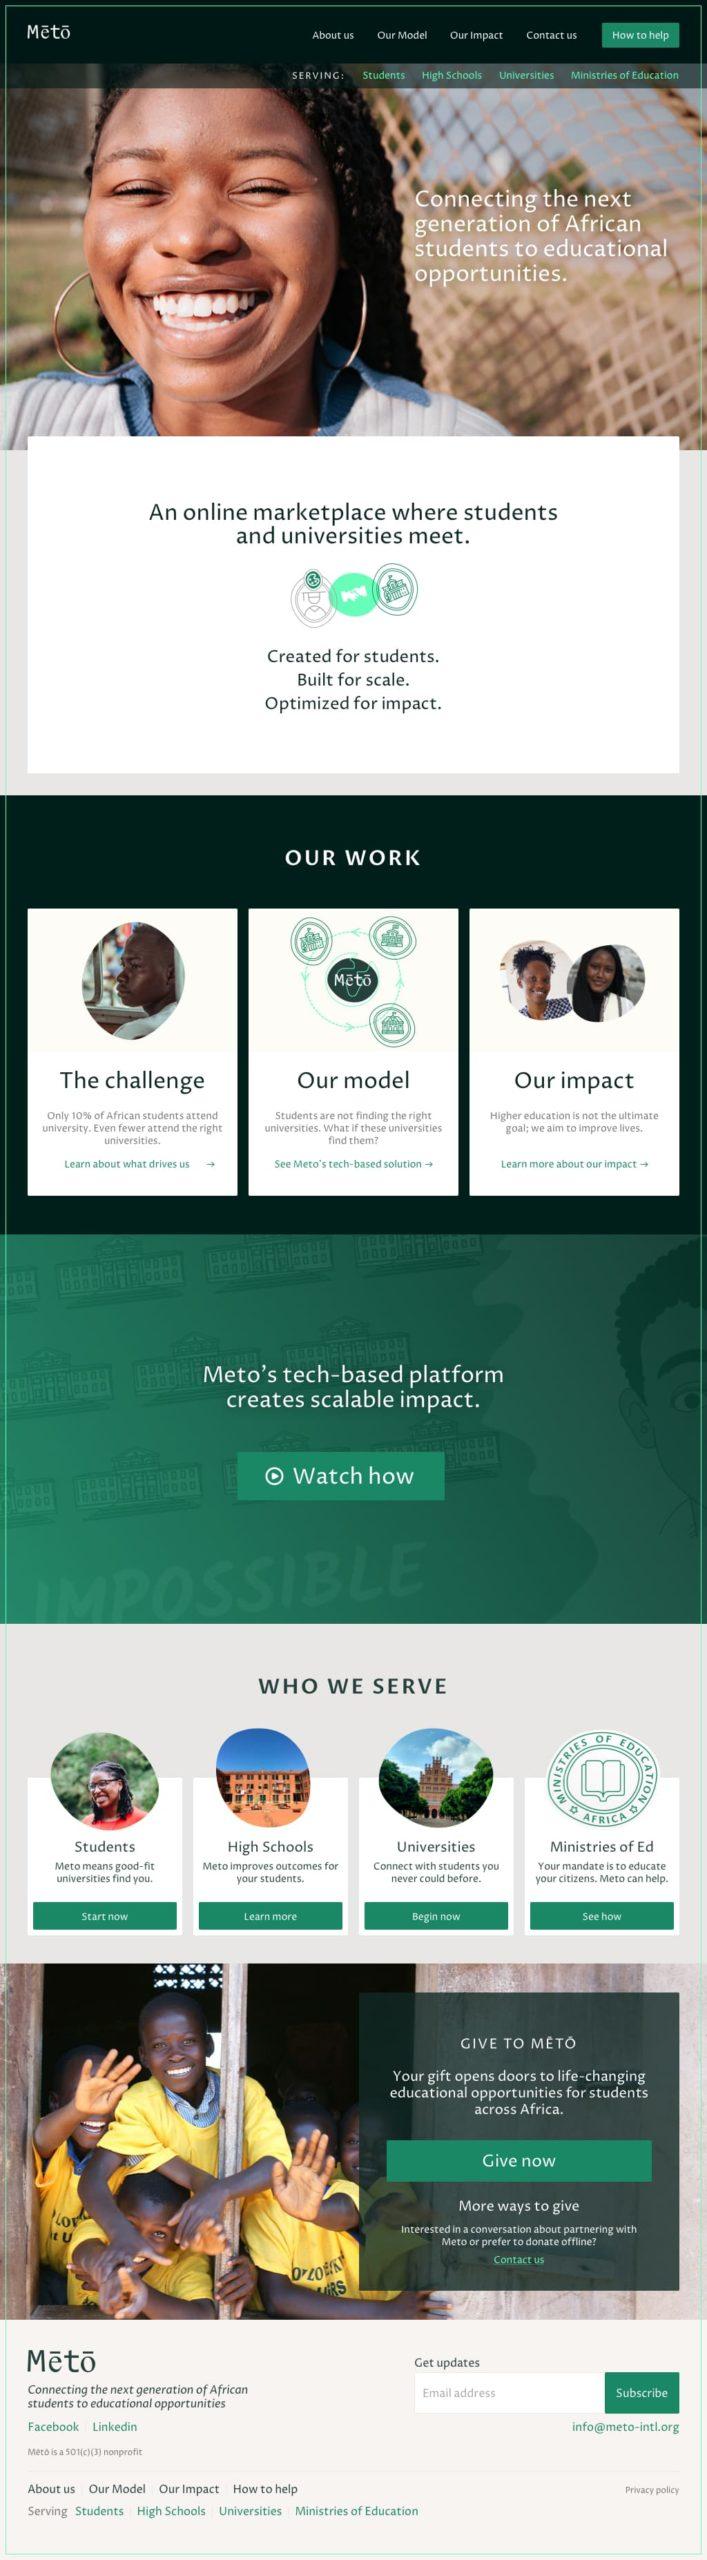 meto-website-home